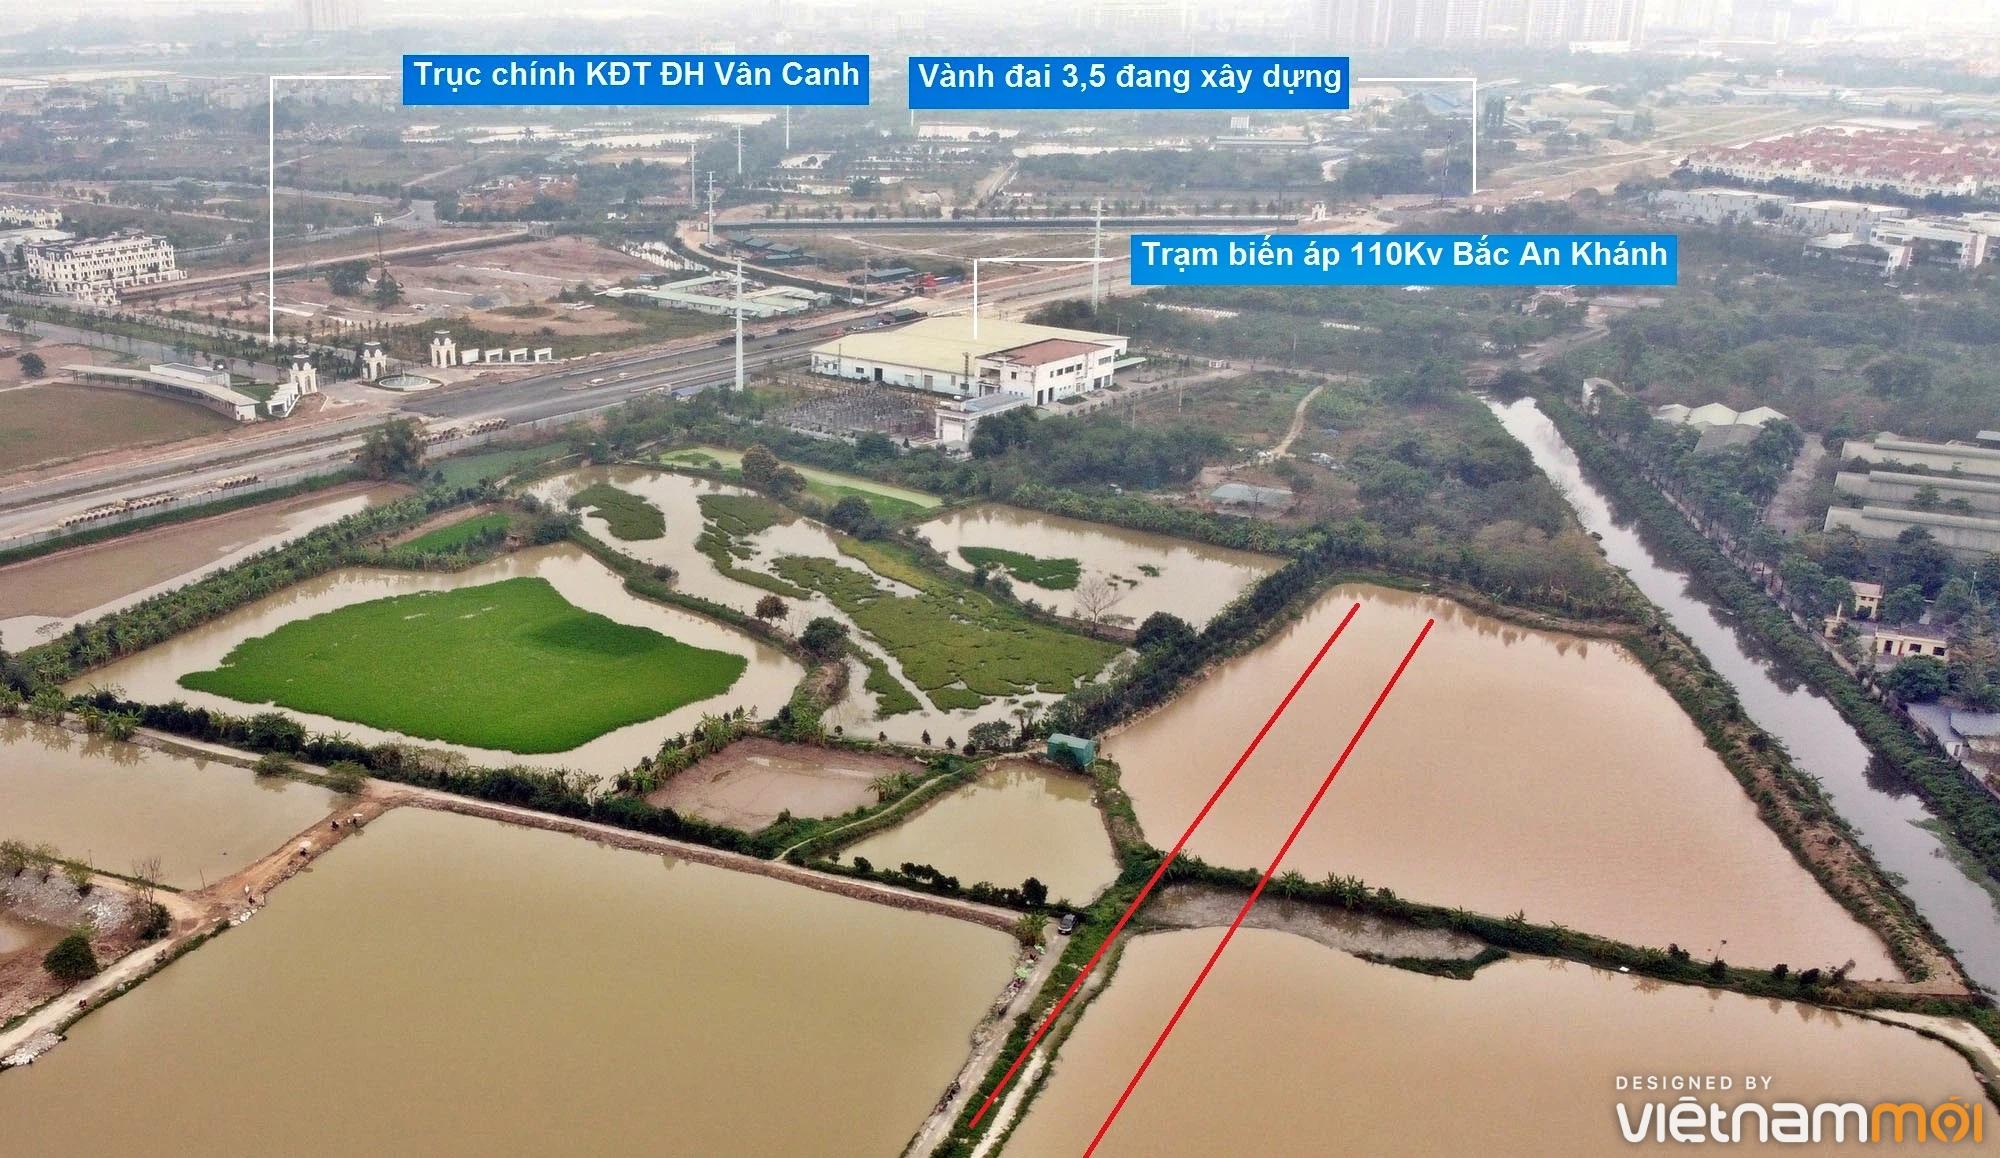 Đường sẽ mở theo quy hoạch ở xã Vân Canh, Hoài Đức, Hà Nội (phần 4) - Ảnh 8.